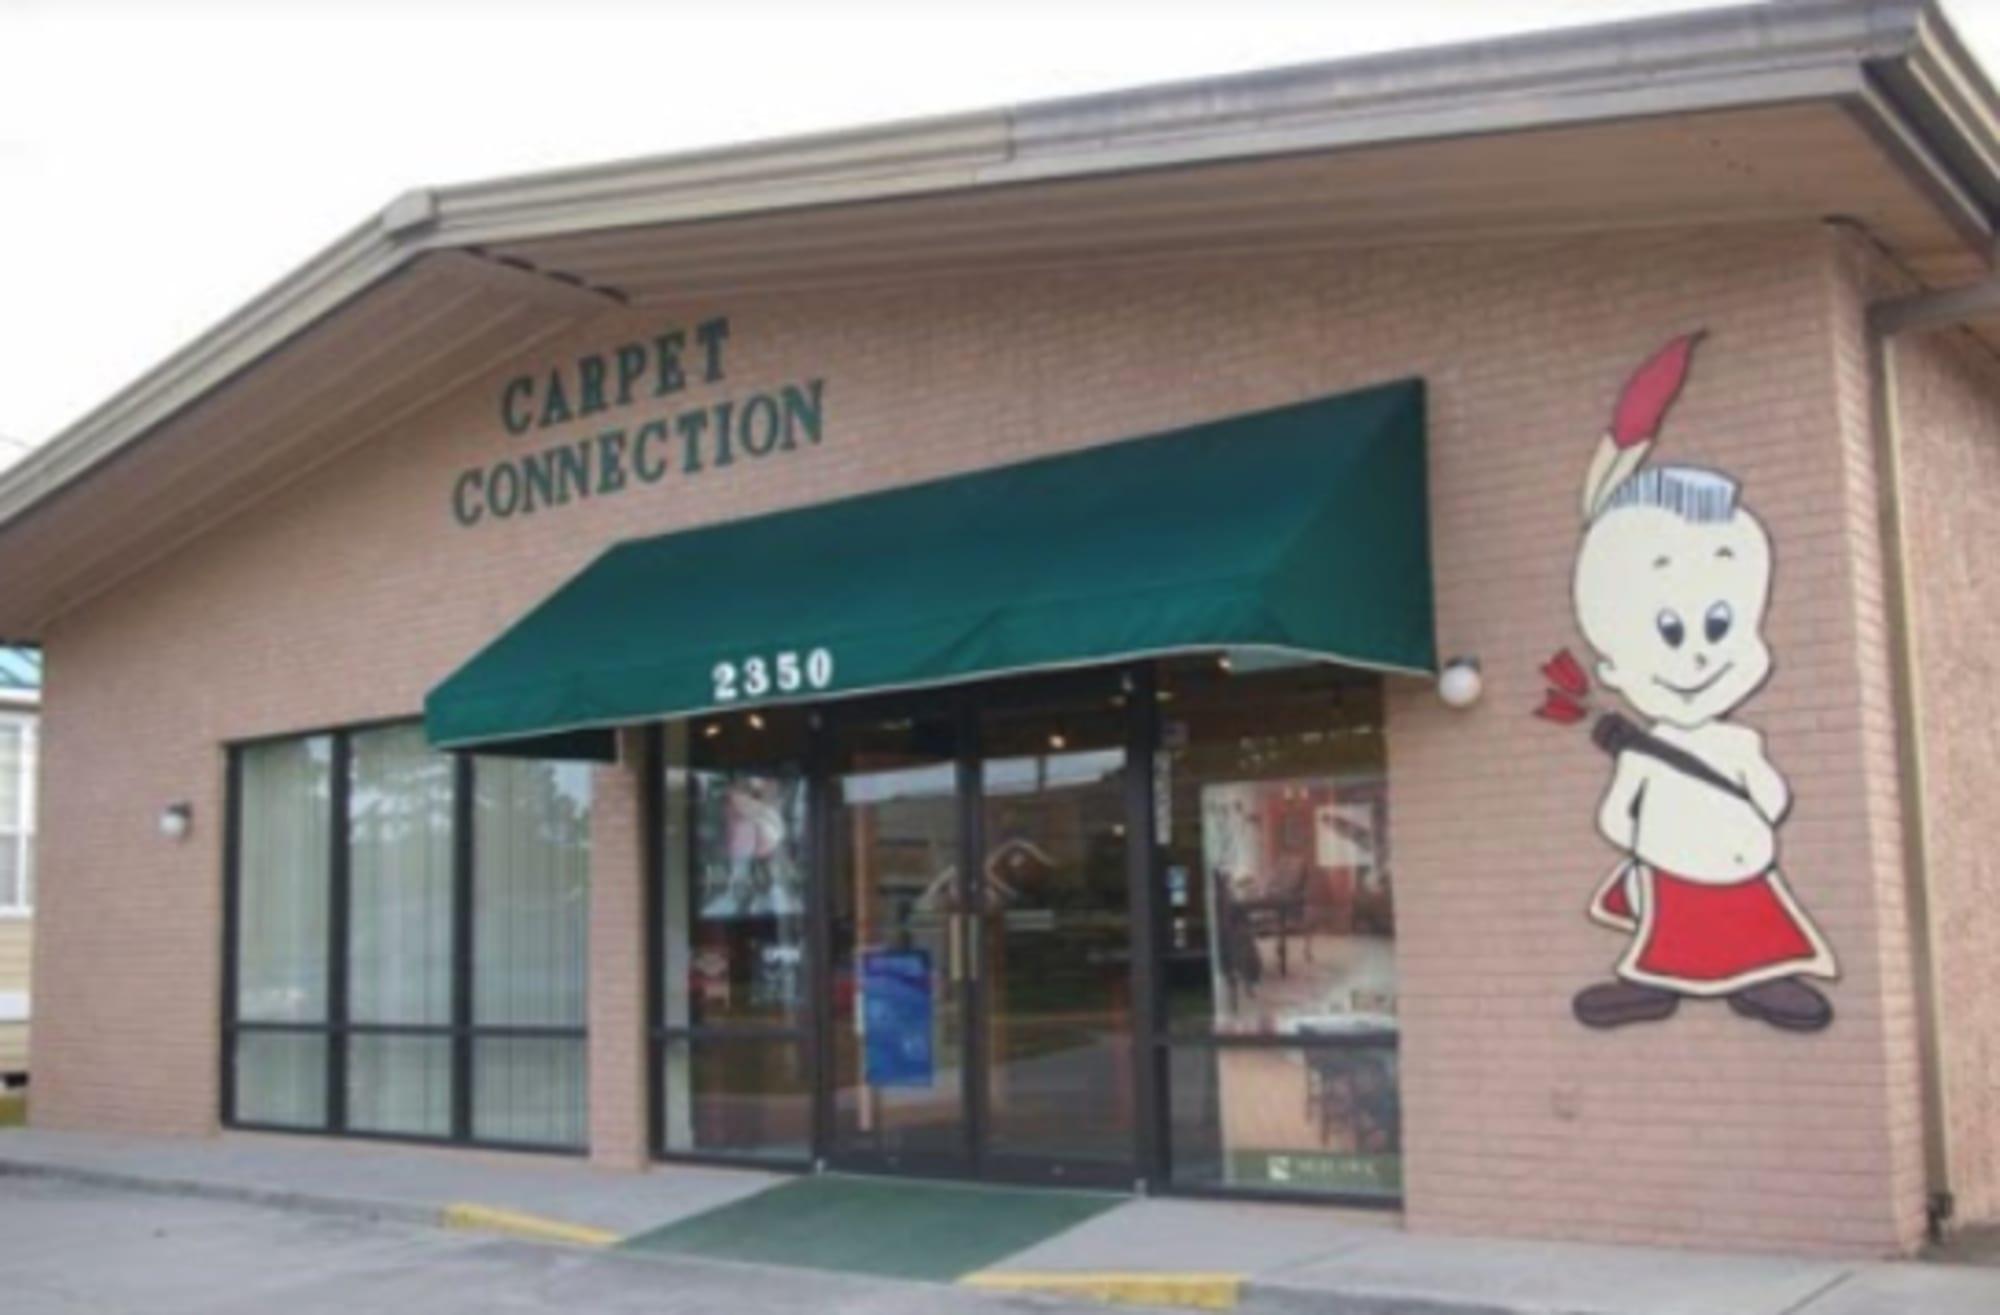 Carpet Connection - 2350 Jenks Ave Panama City, FL 32405